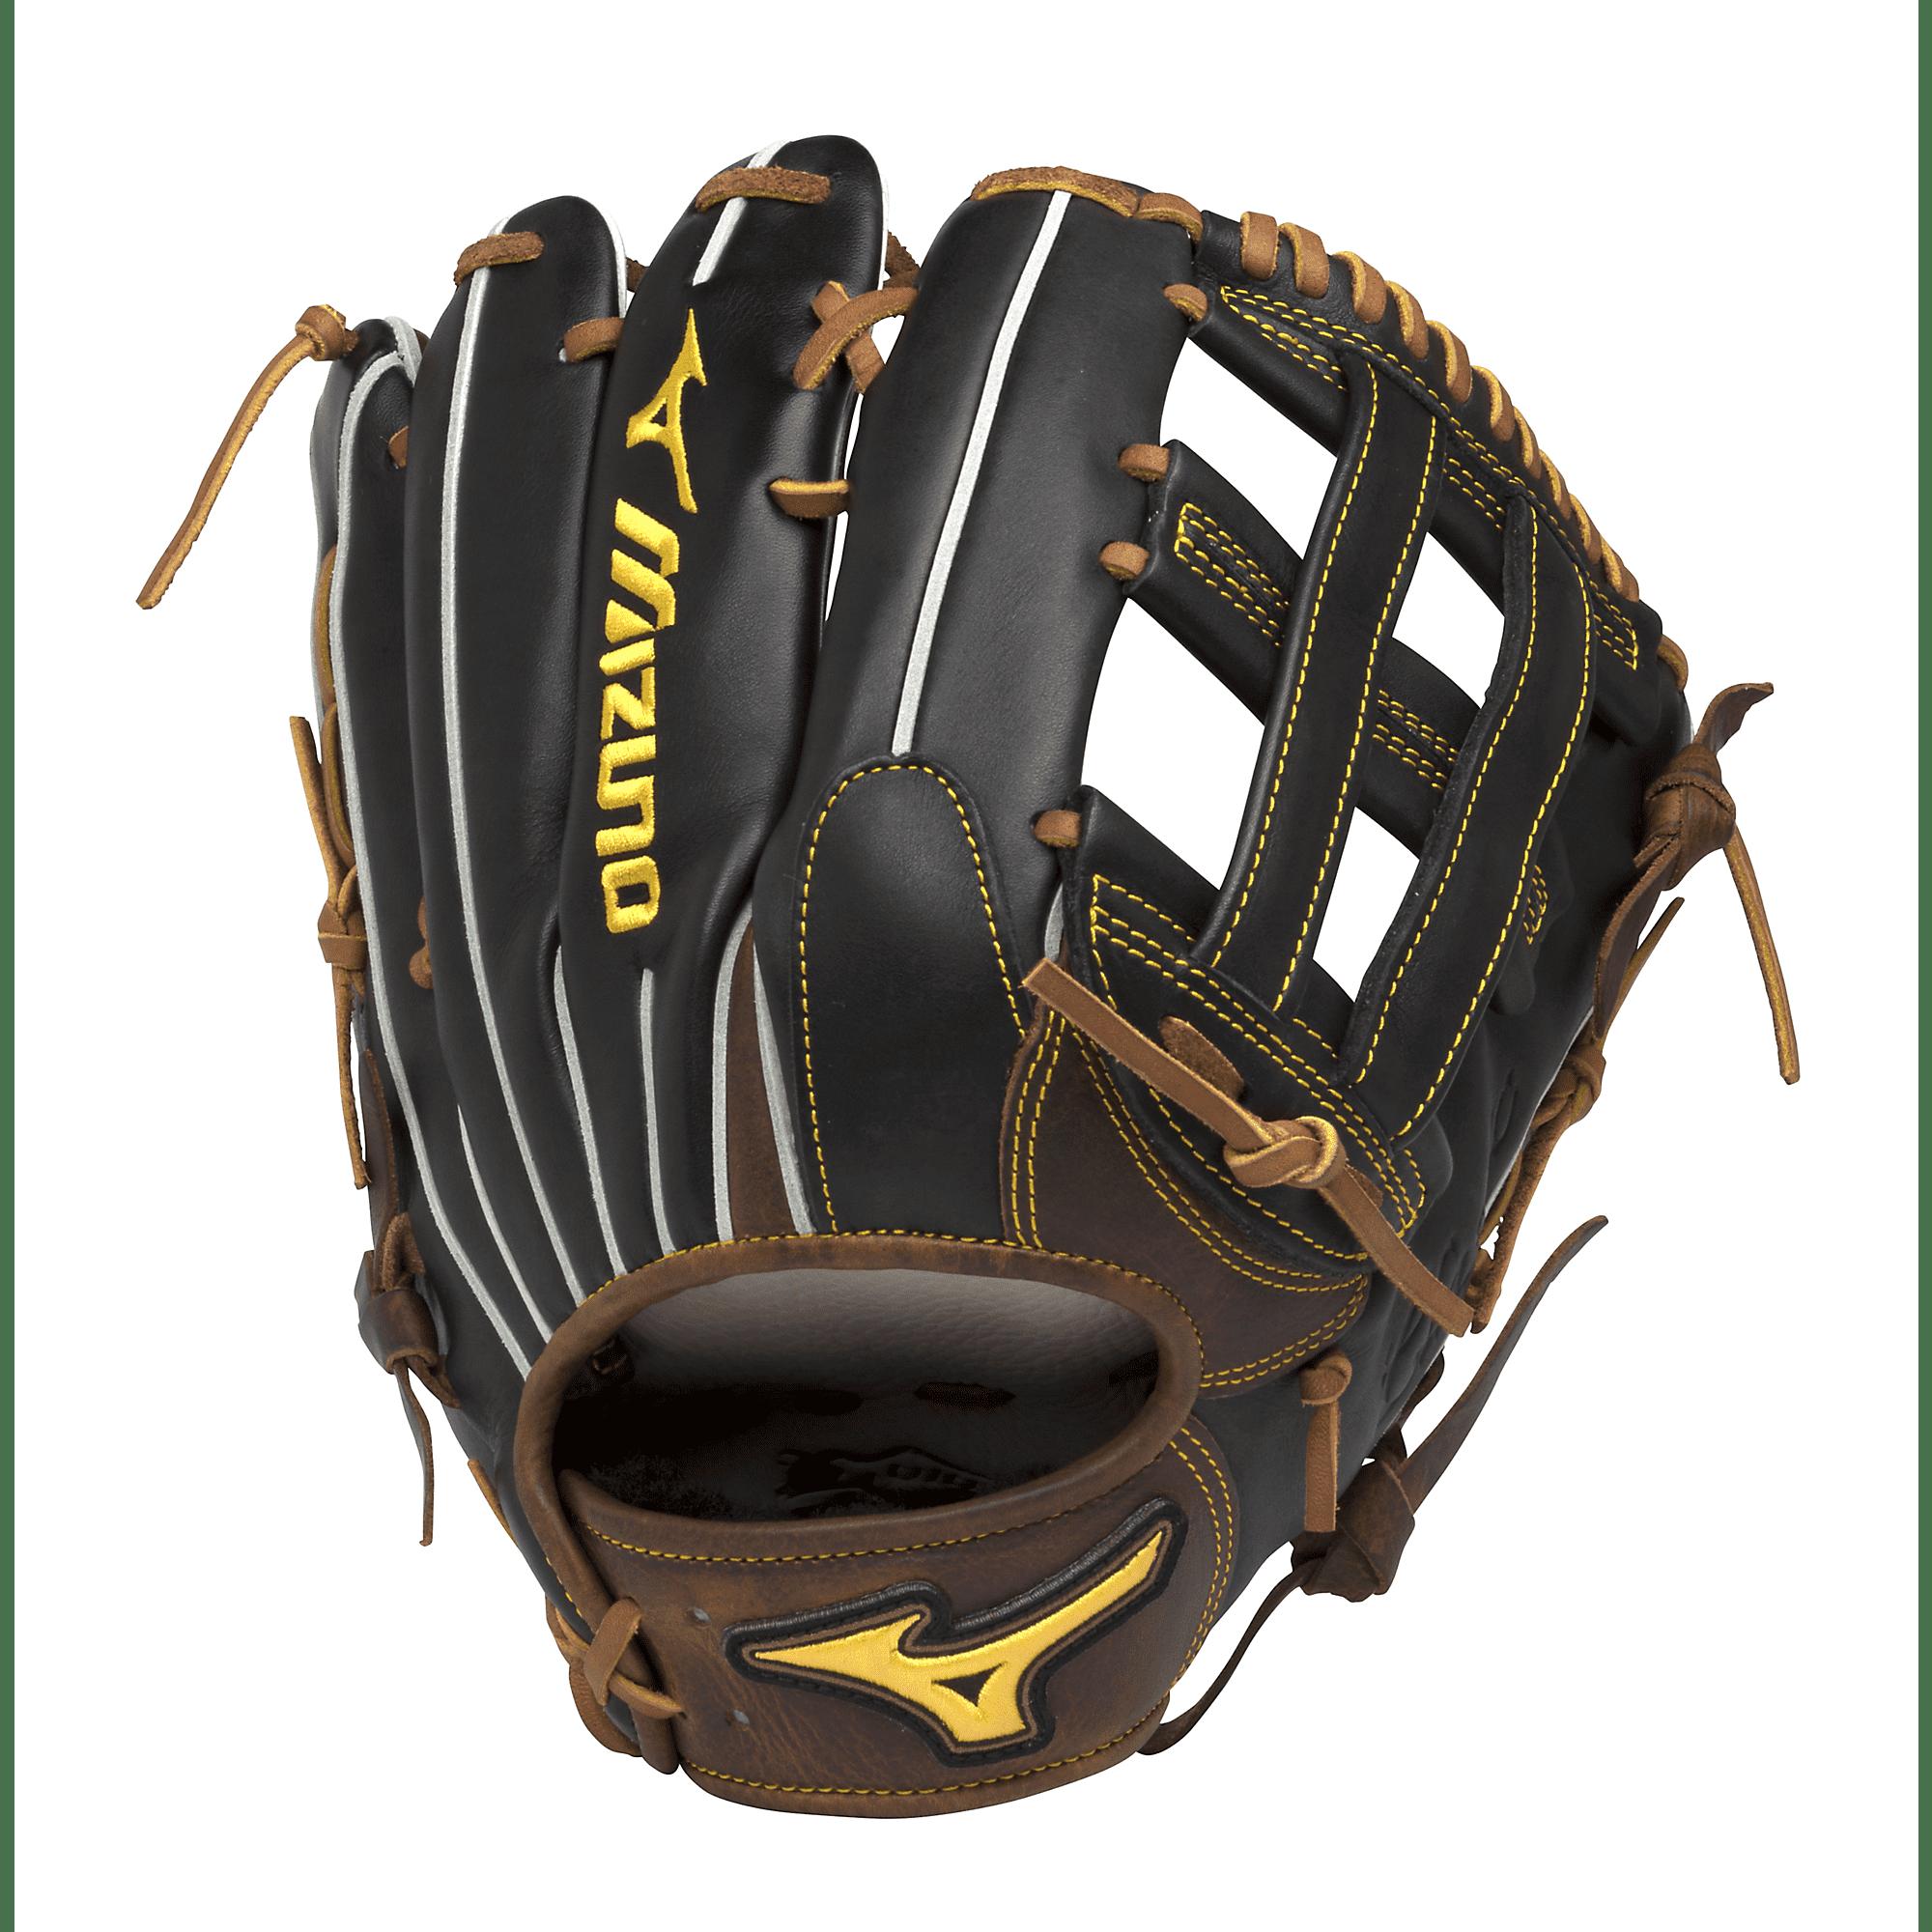 """Mizuno Classic Pro Soft Outfield Baseball Glove 12.75"""" by Mizuno"""